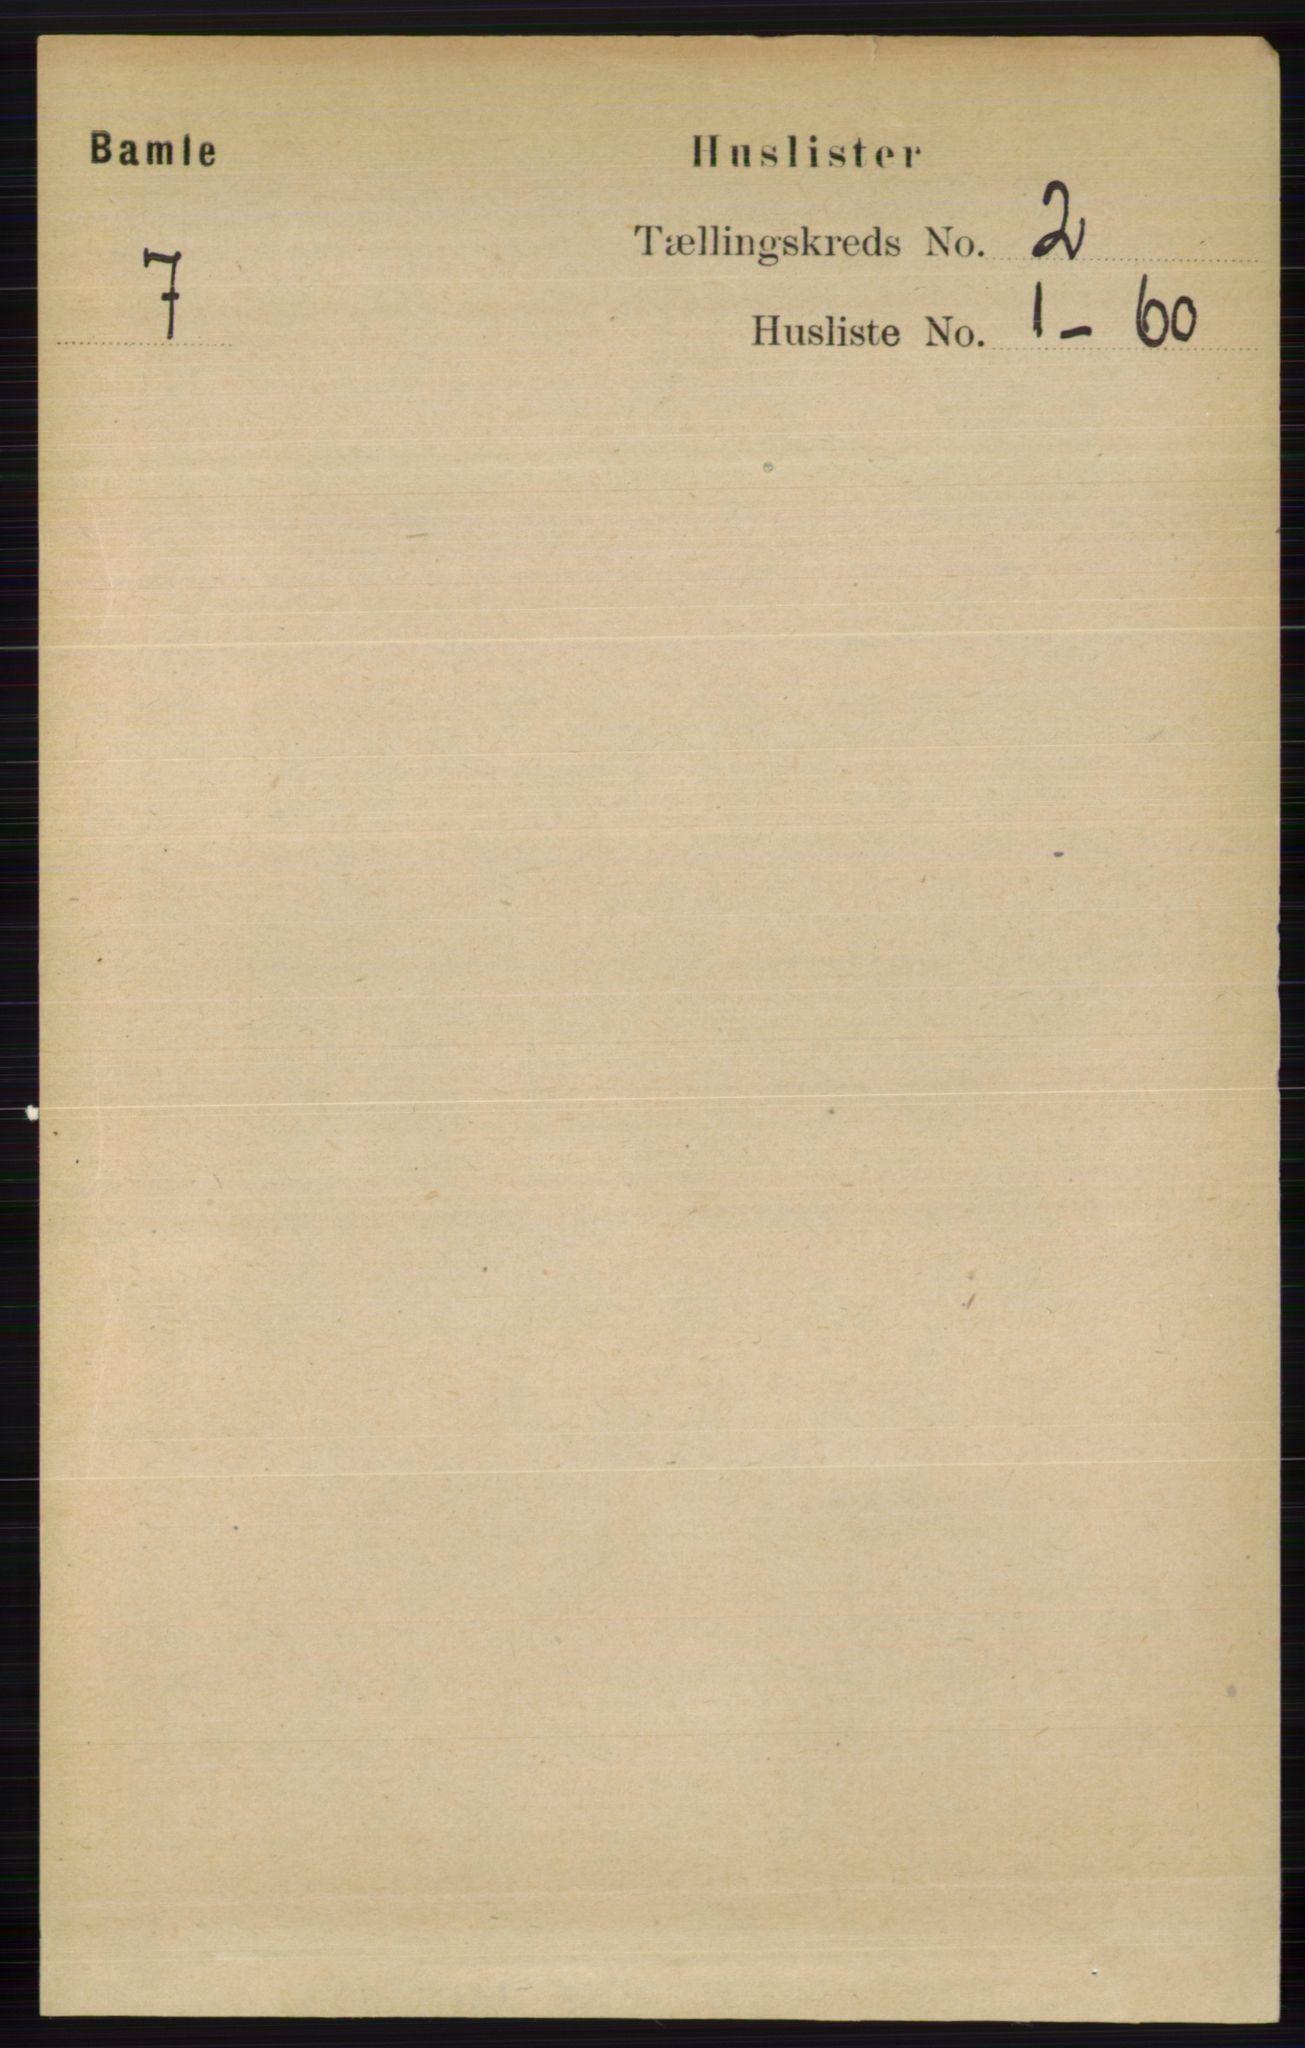 RA, Folketelling 1891 for 0814 Bamble herred, 1891, s. 939